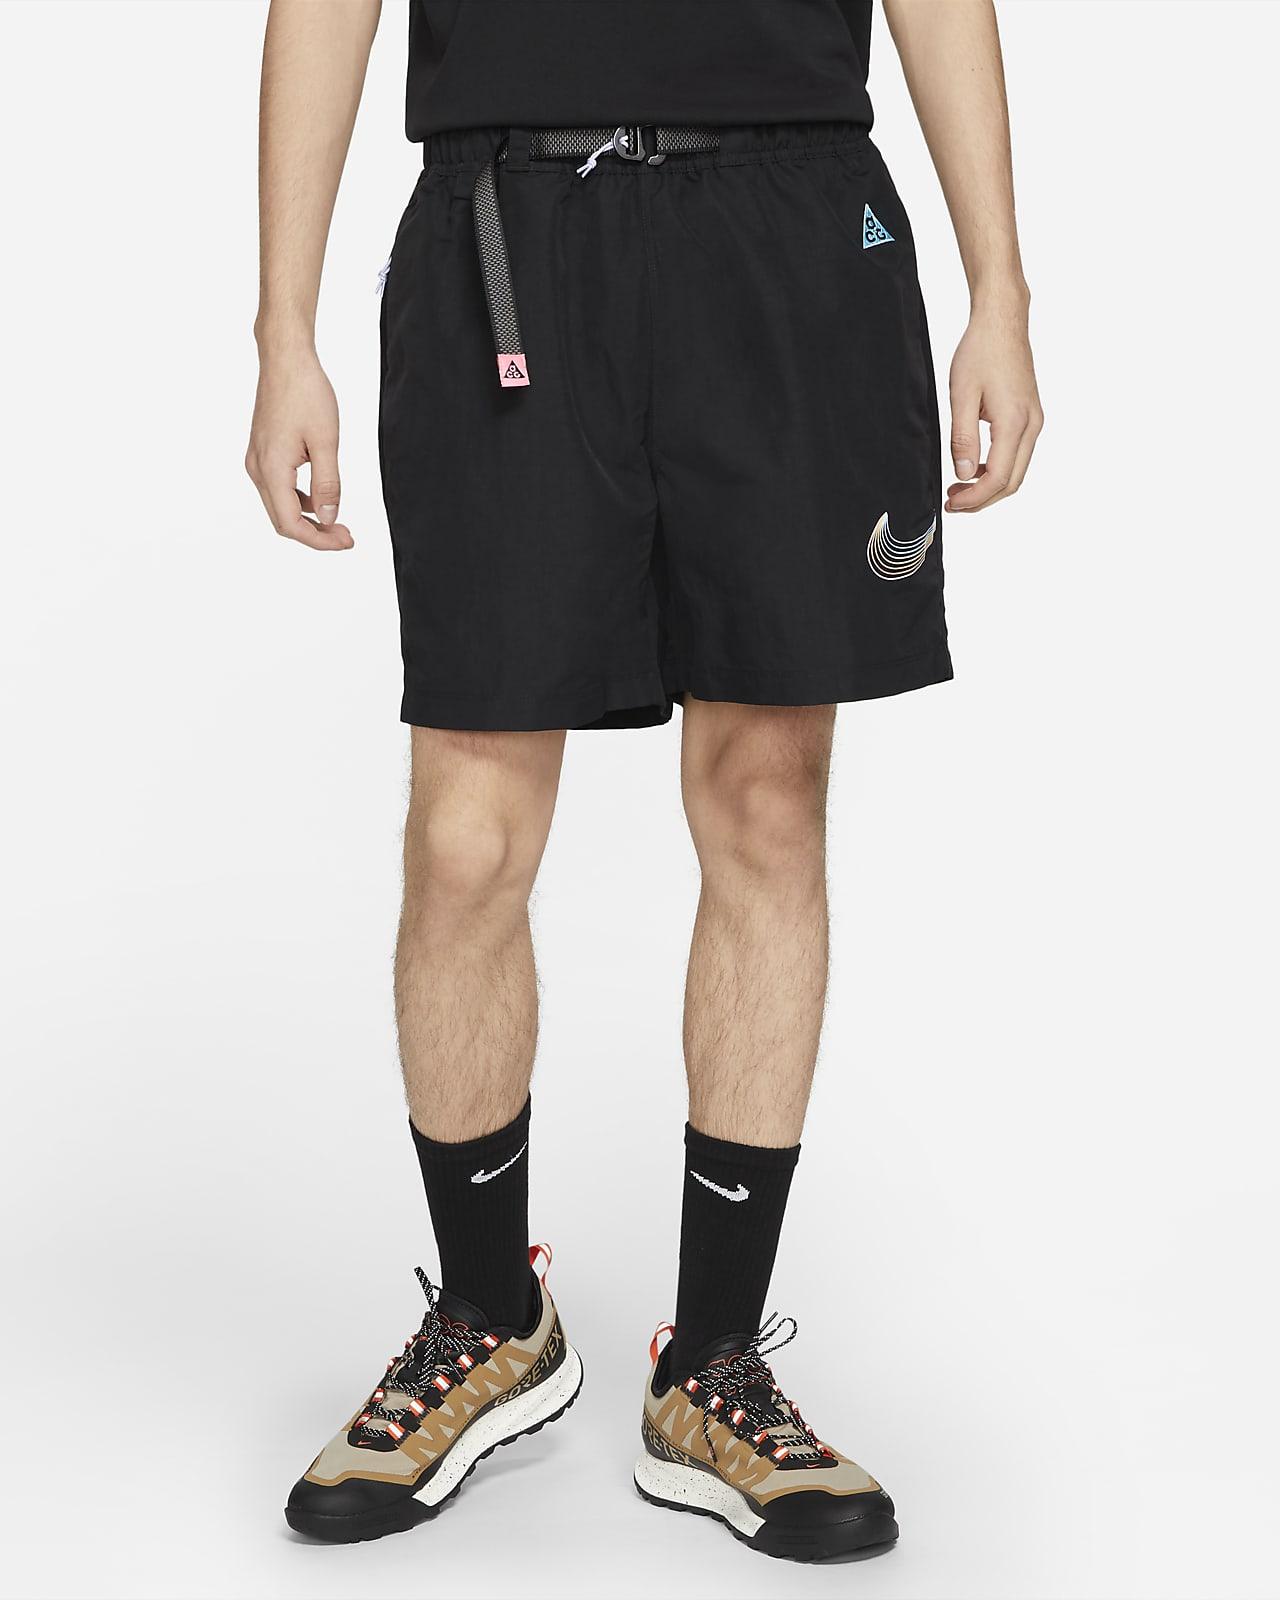 Shorts de trail Nike ACG BeTrue